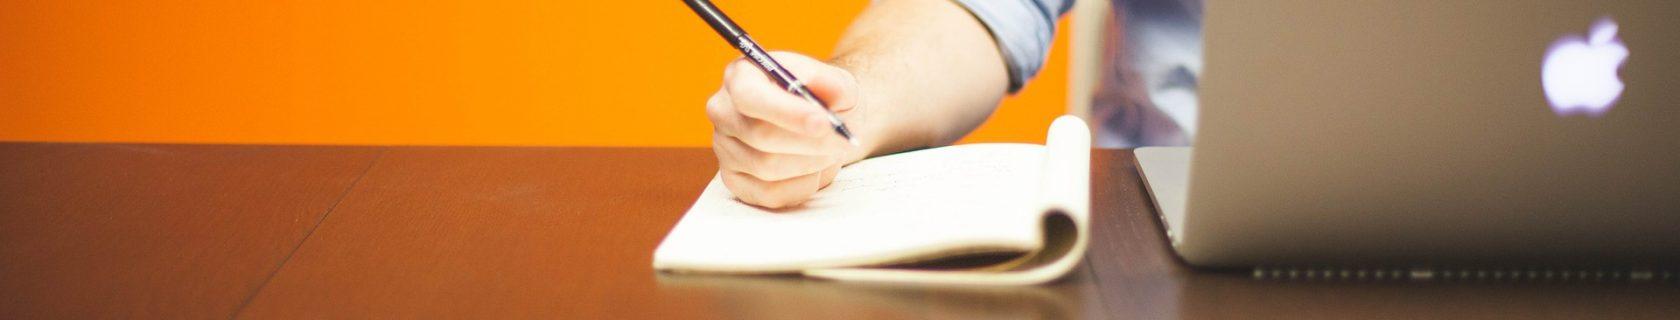 Habilitation schreiben